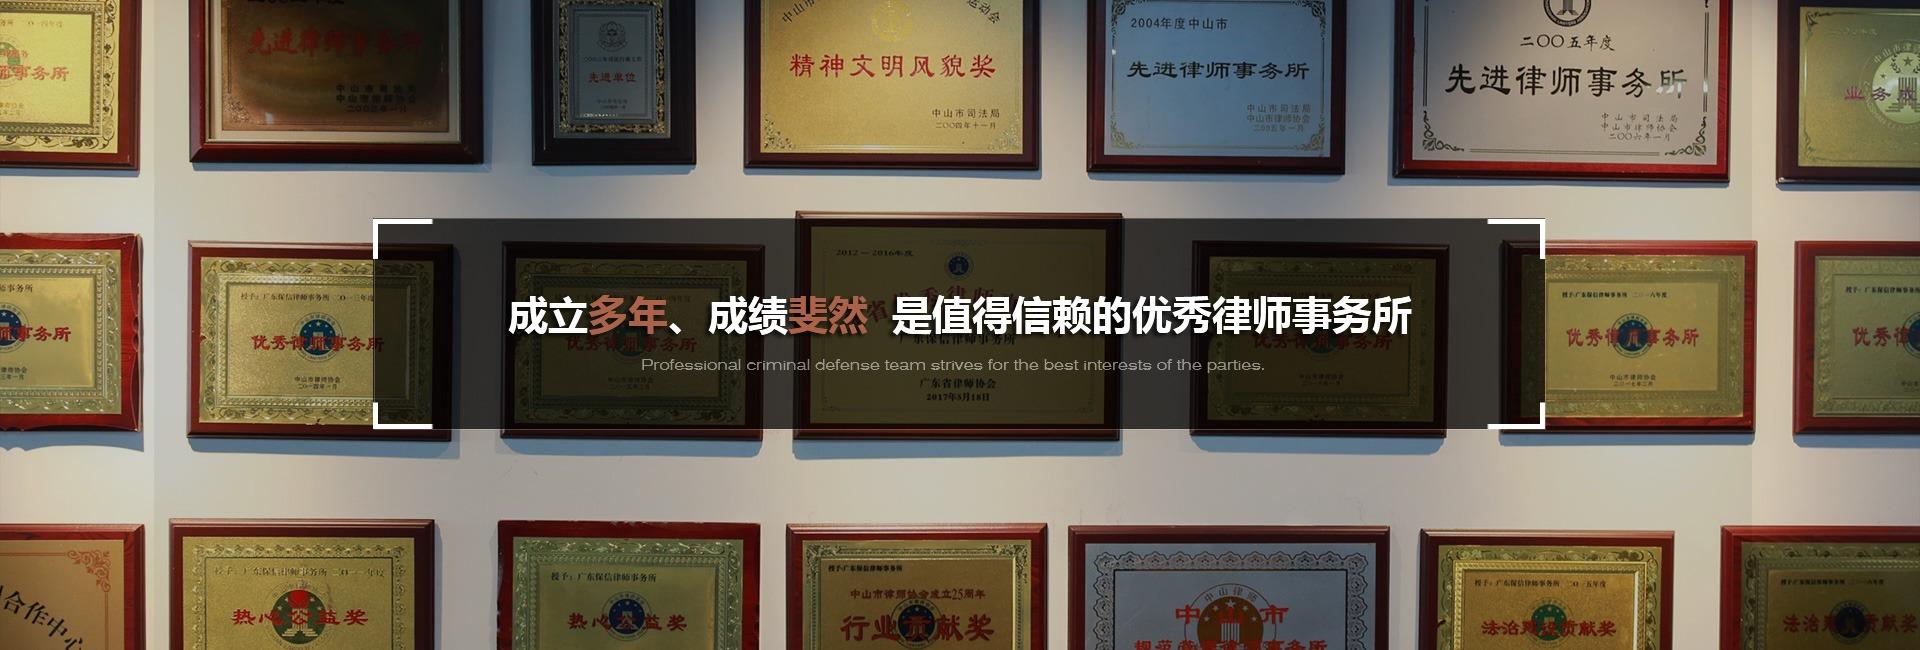 广东保信律师事务所